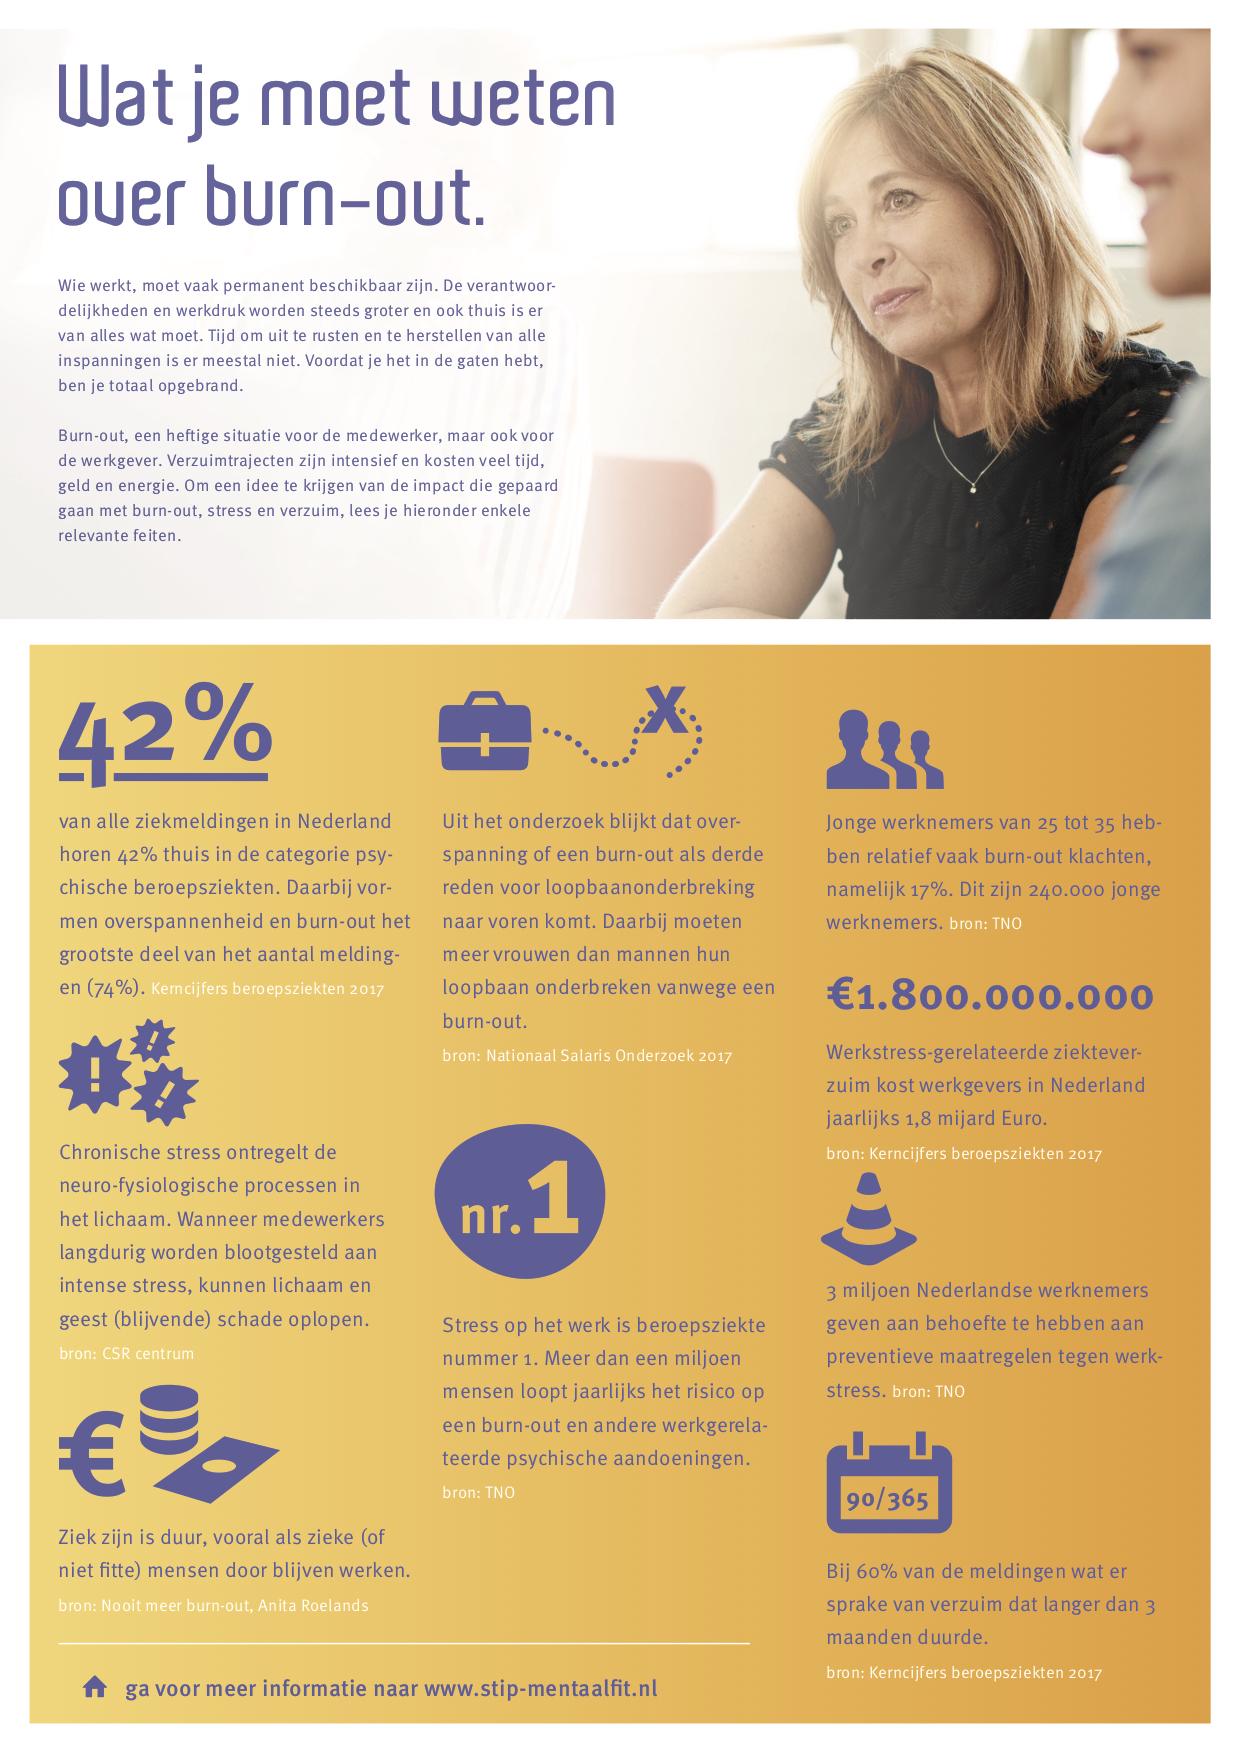 Factsheet over burnout door Stip